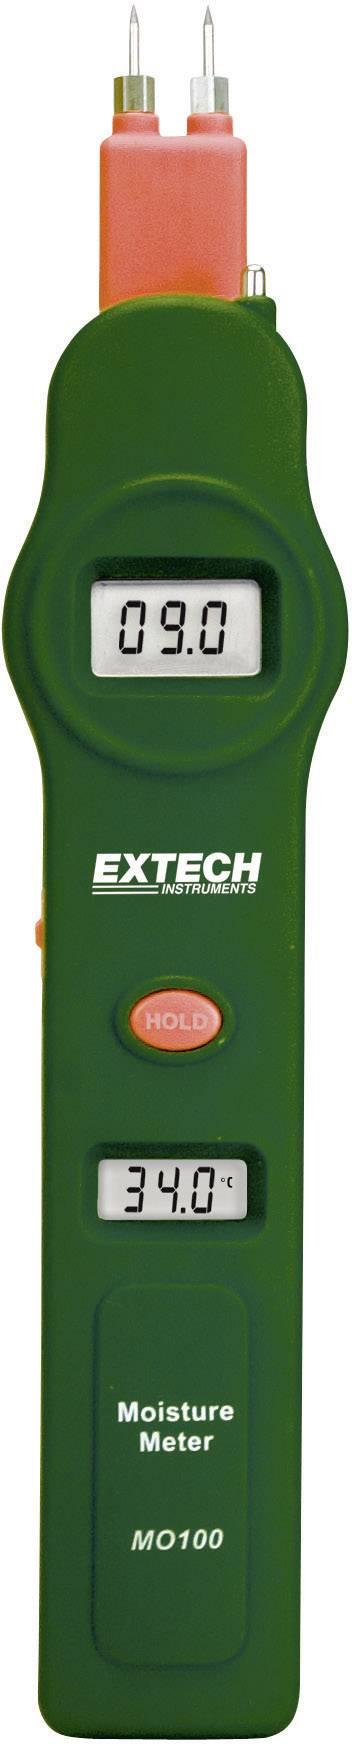 Měřič vlhkosti stavebních materiálů Extech MO100, 0 - 100 Digit